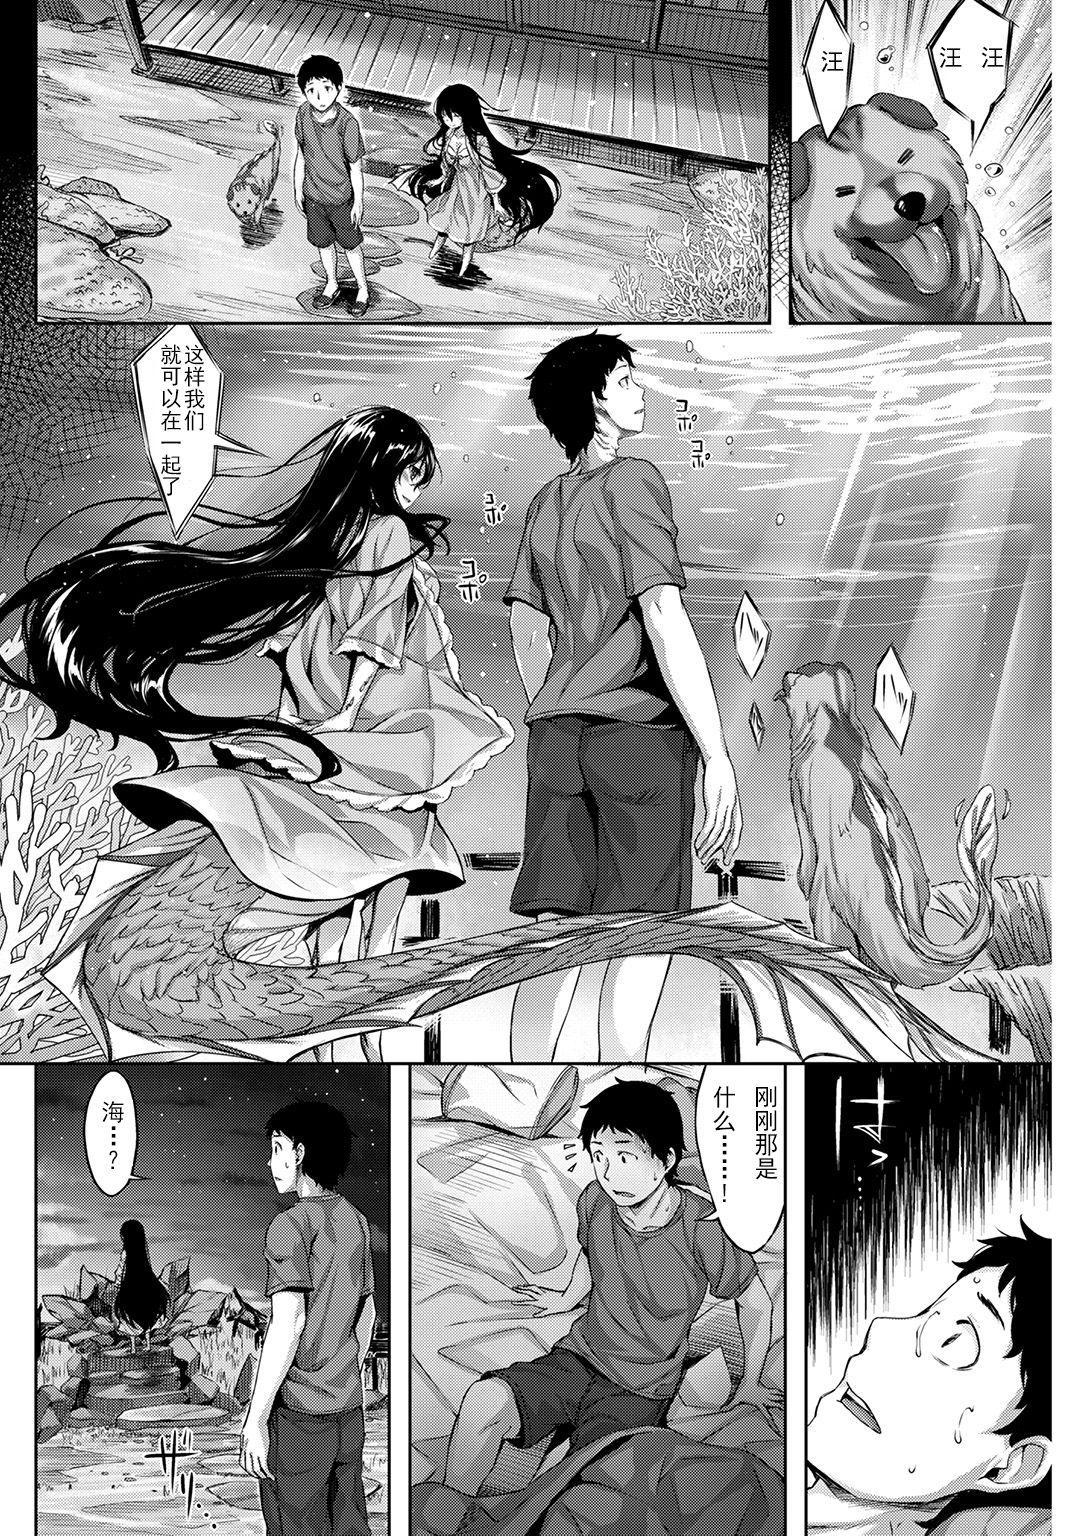 Kuramitsuha no Kami 18